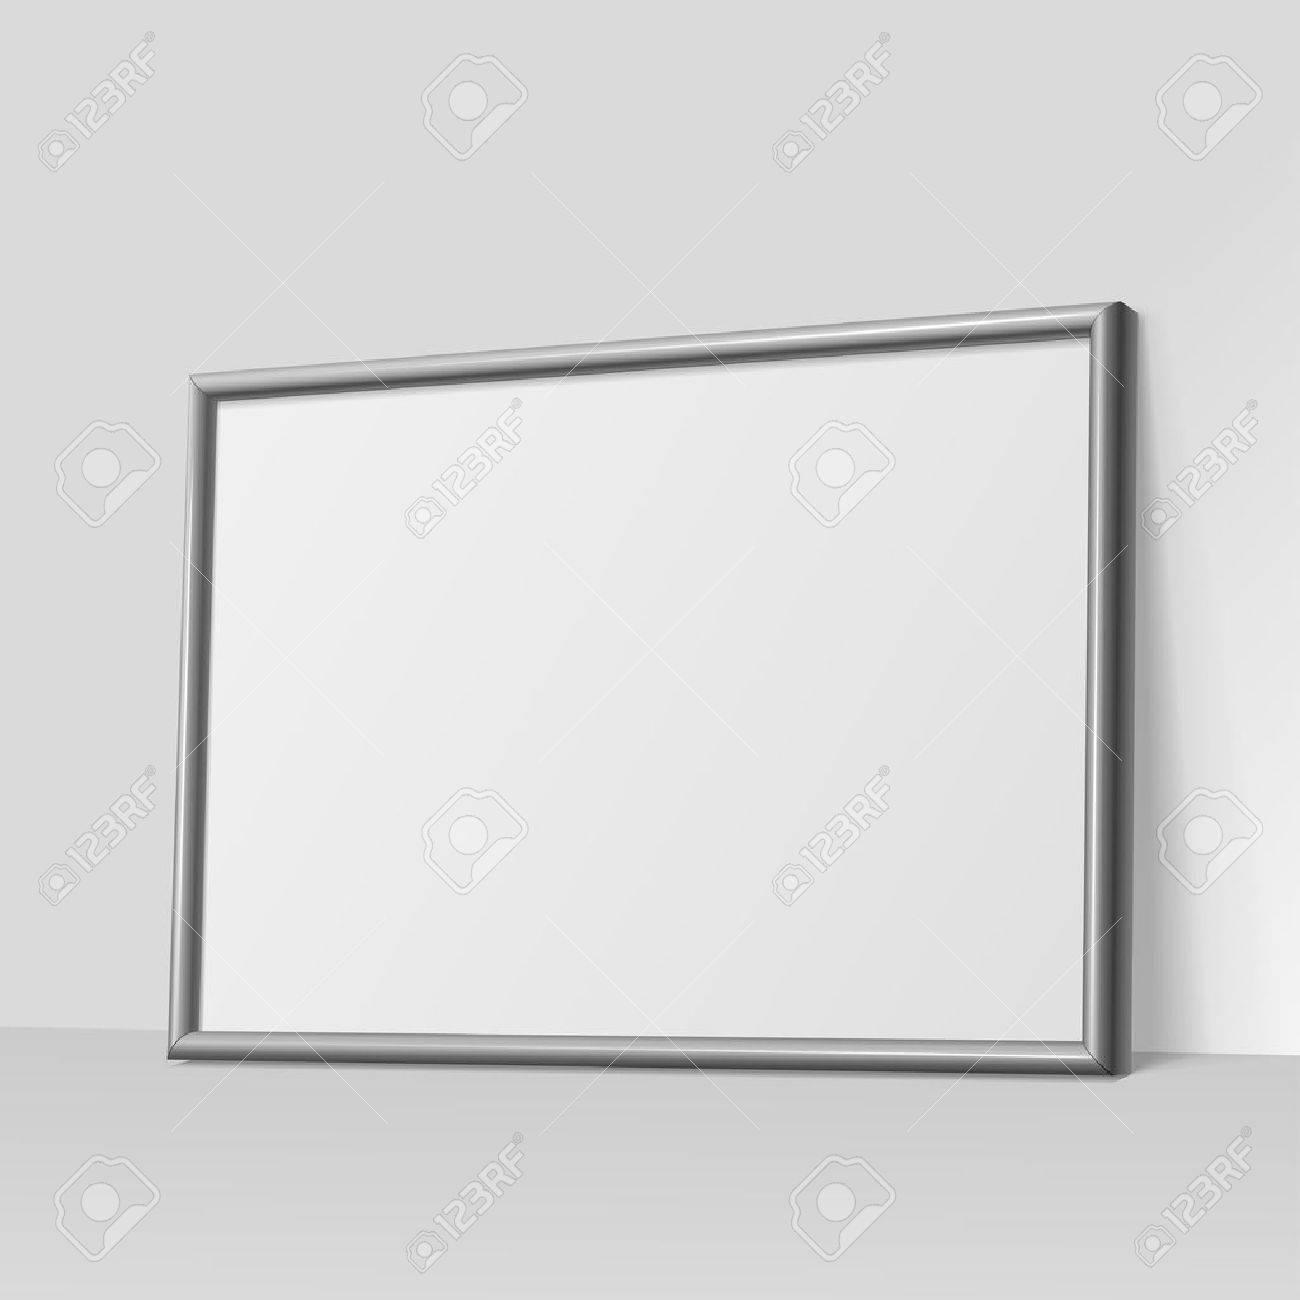 Realistische Dunkelgrauen Horizontalen Rahmen Für Bilder Oder ...